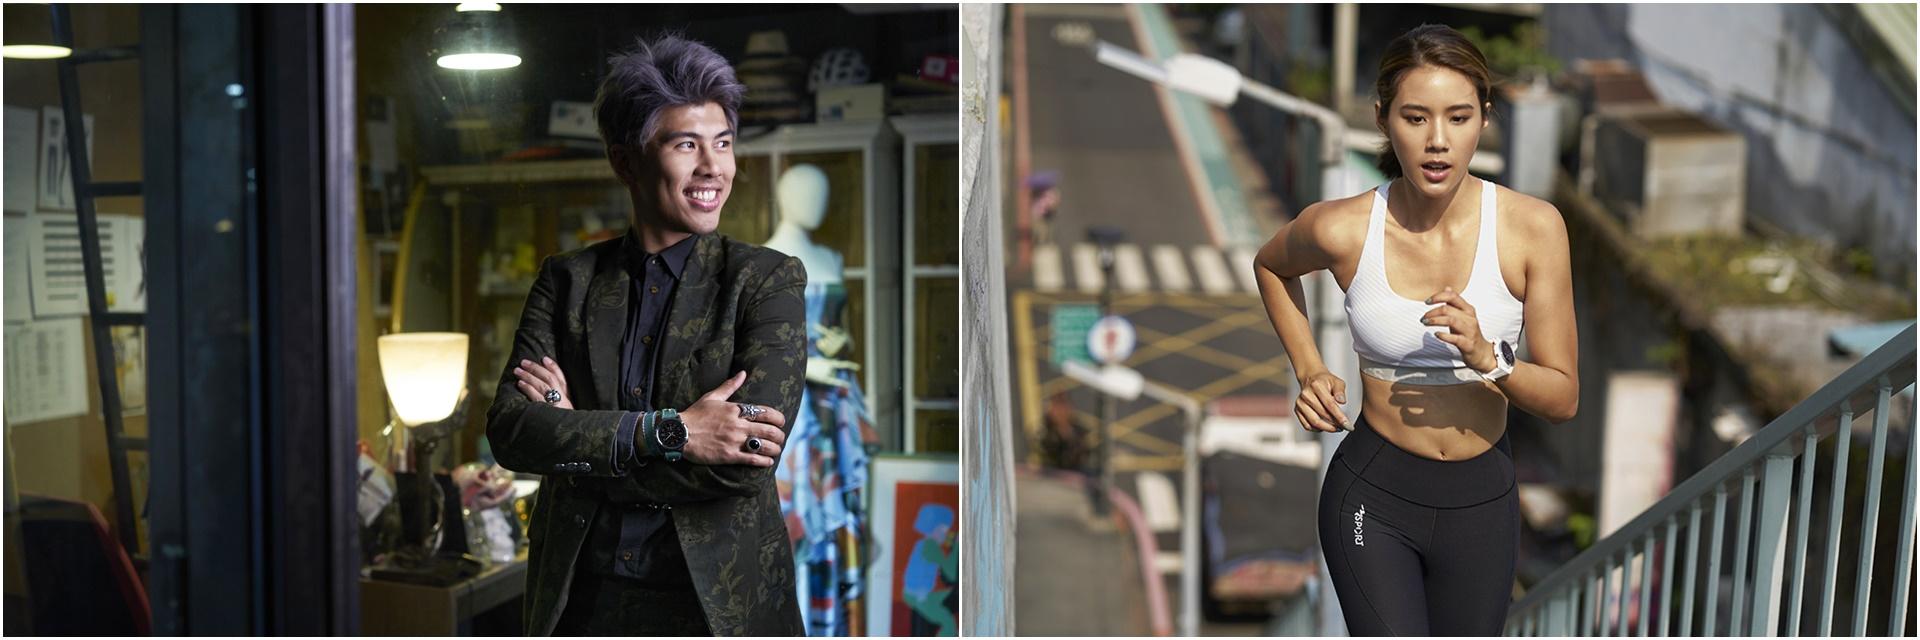 「斜槓青年」不只才能,連配件也要全方位!服裝設計師 Daniel Wong、模特兒 Angelina 獨家訪談!